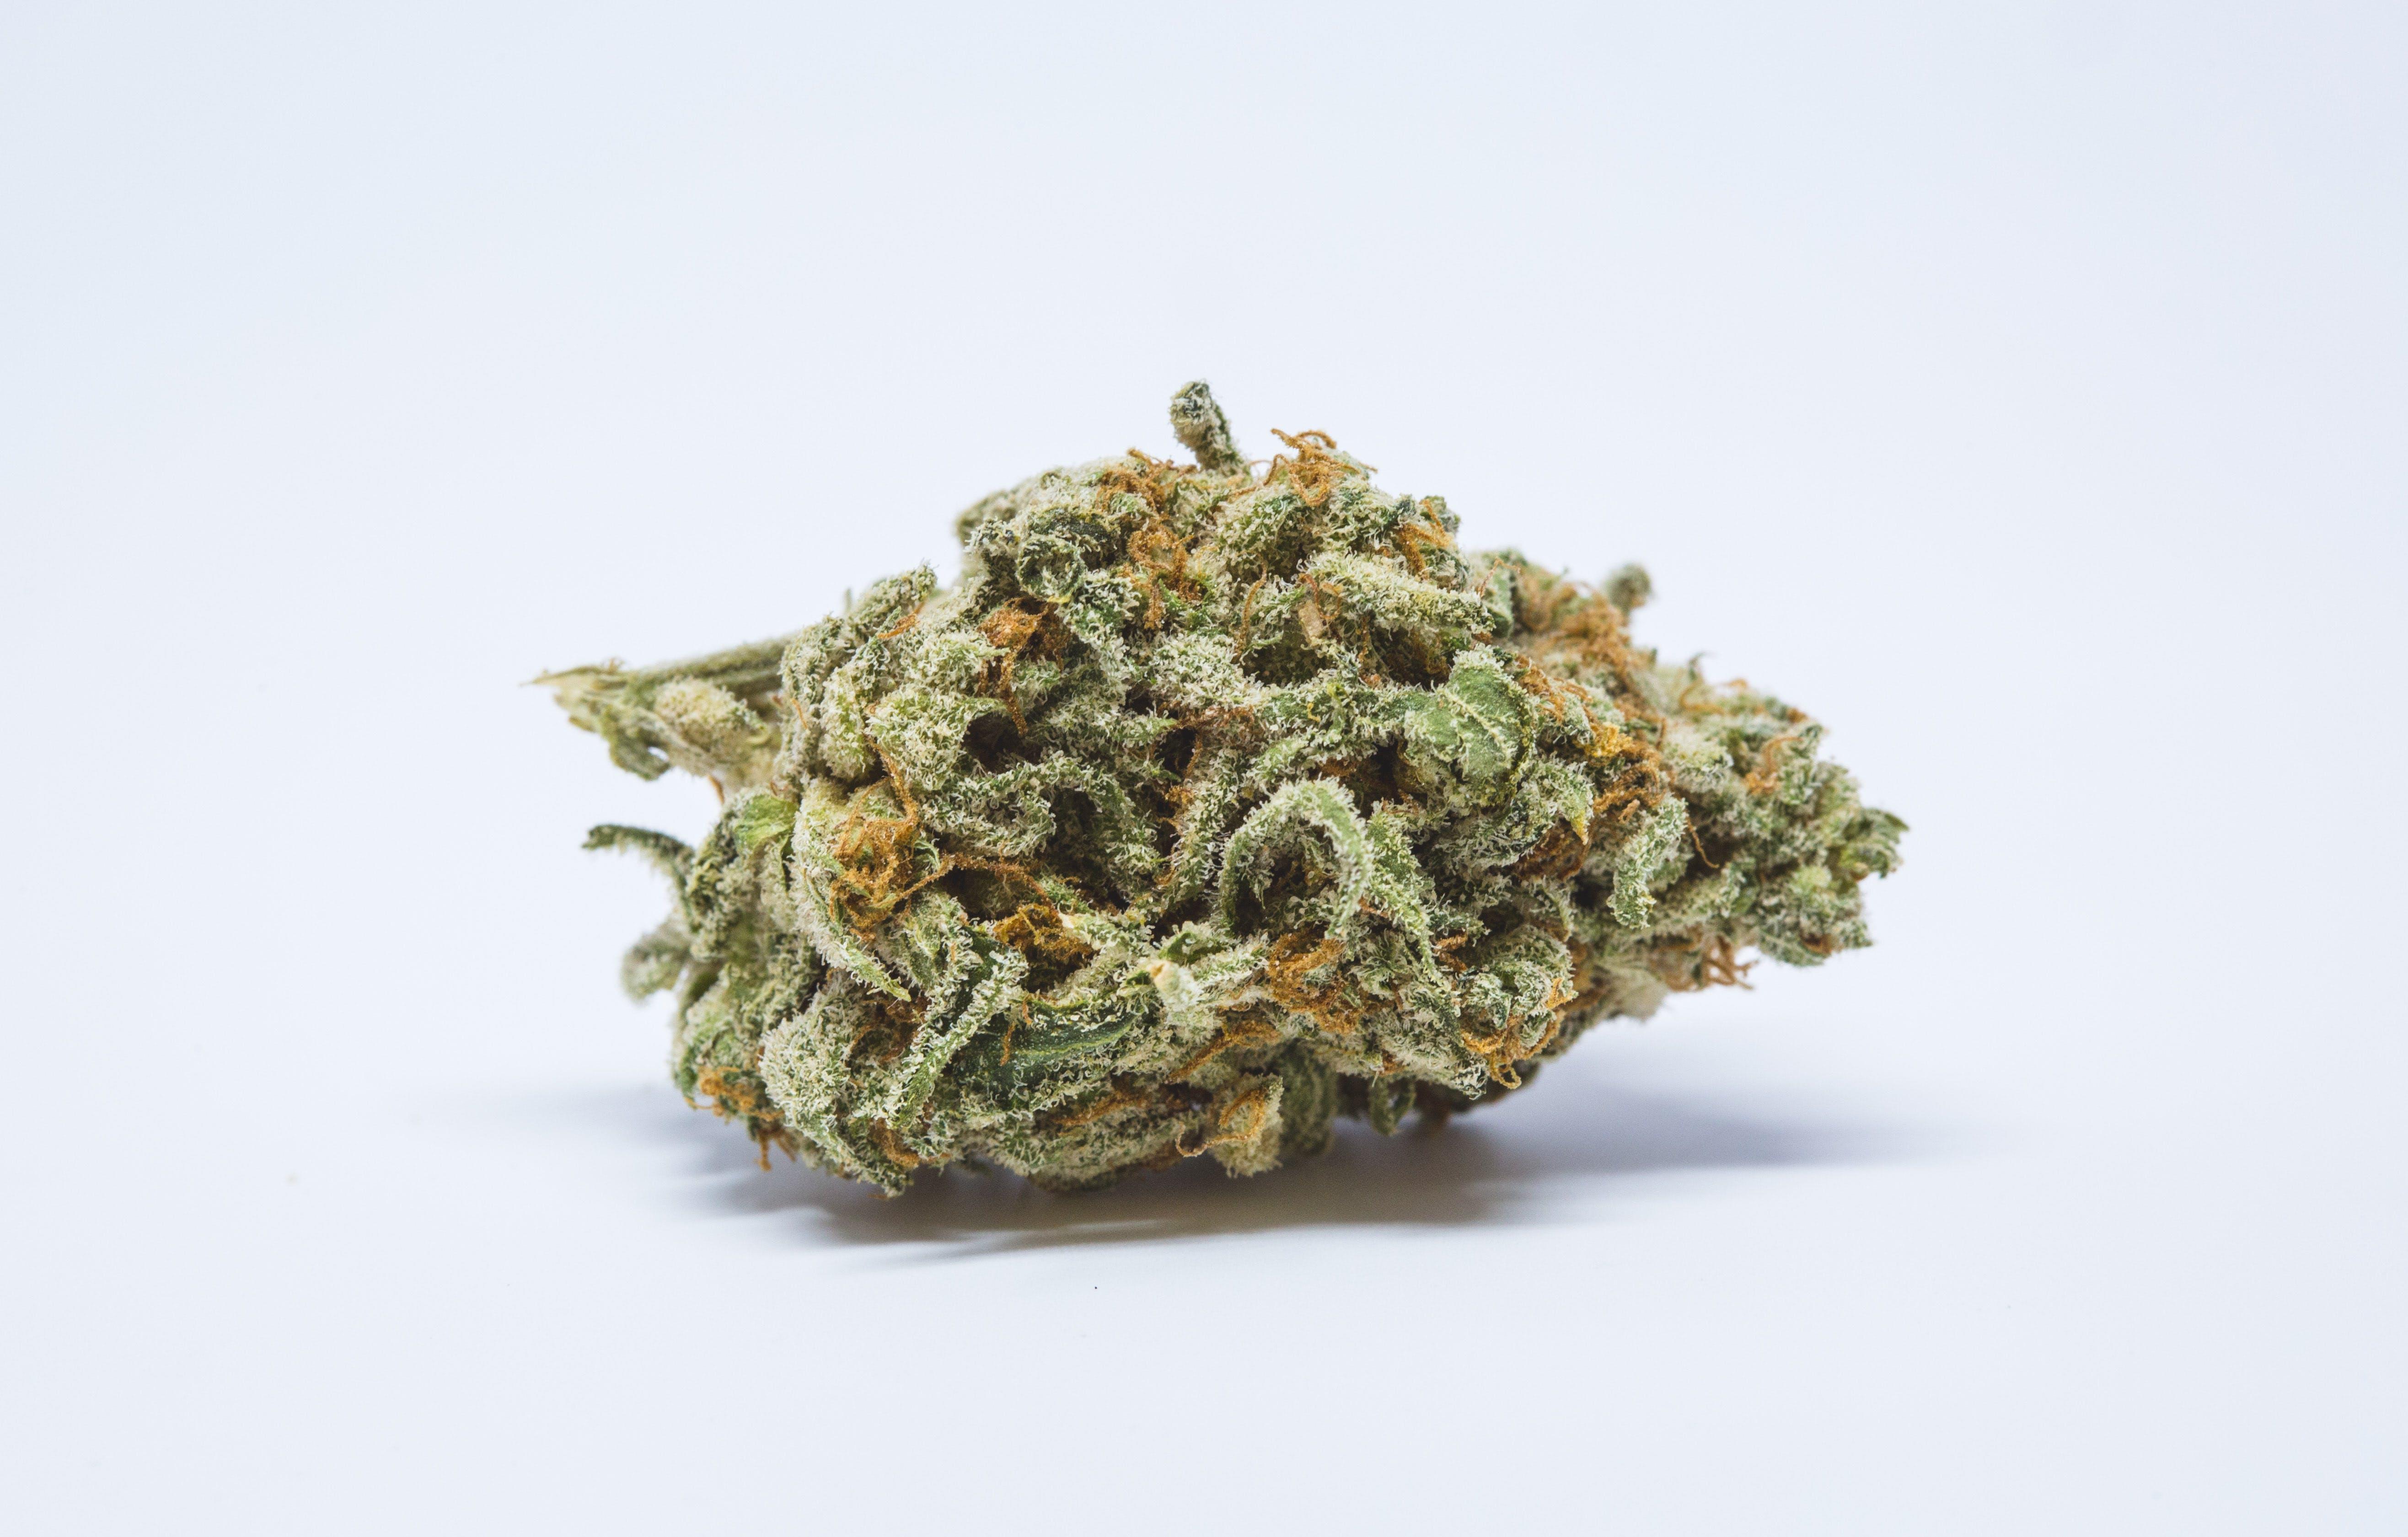 King Louis XIII Weed; King Louis XIII Cannabis Strain; King Louis XIII Indica Marijuana Strain